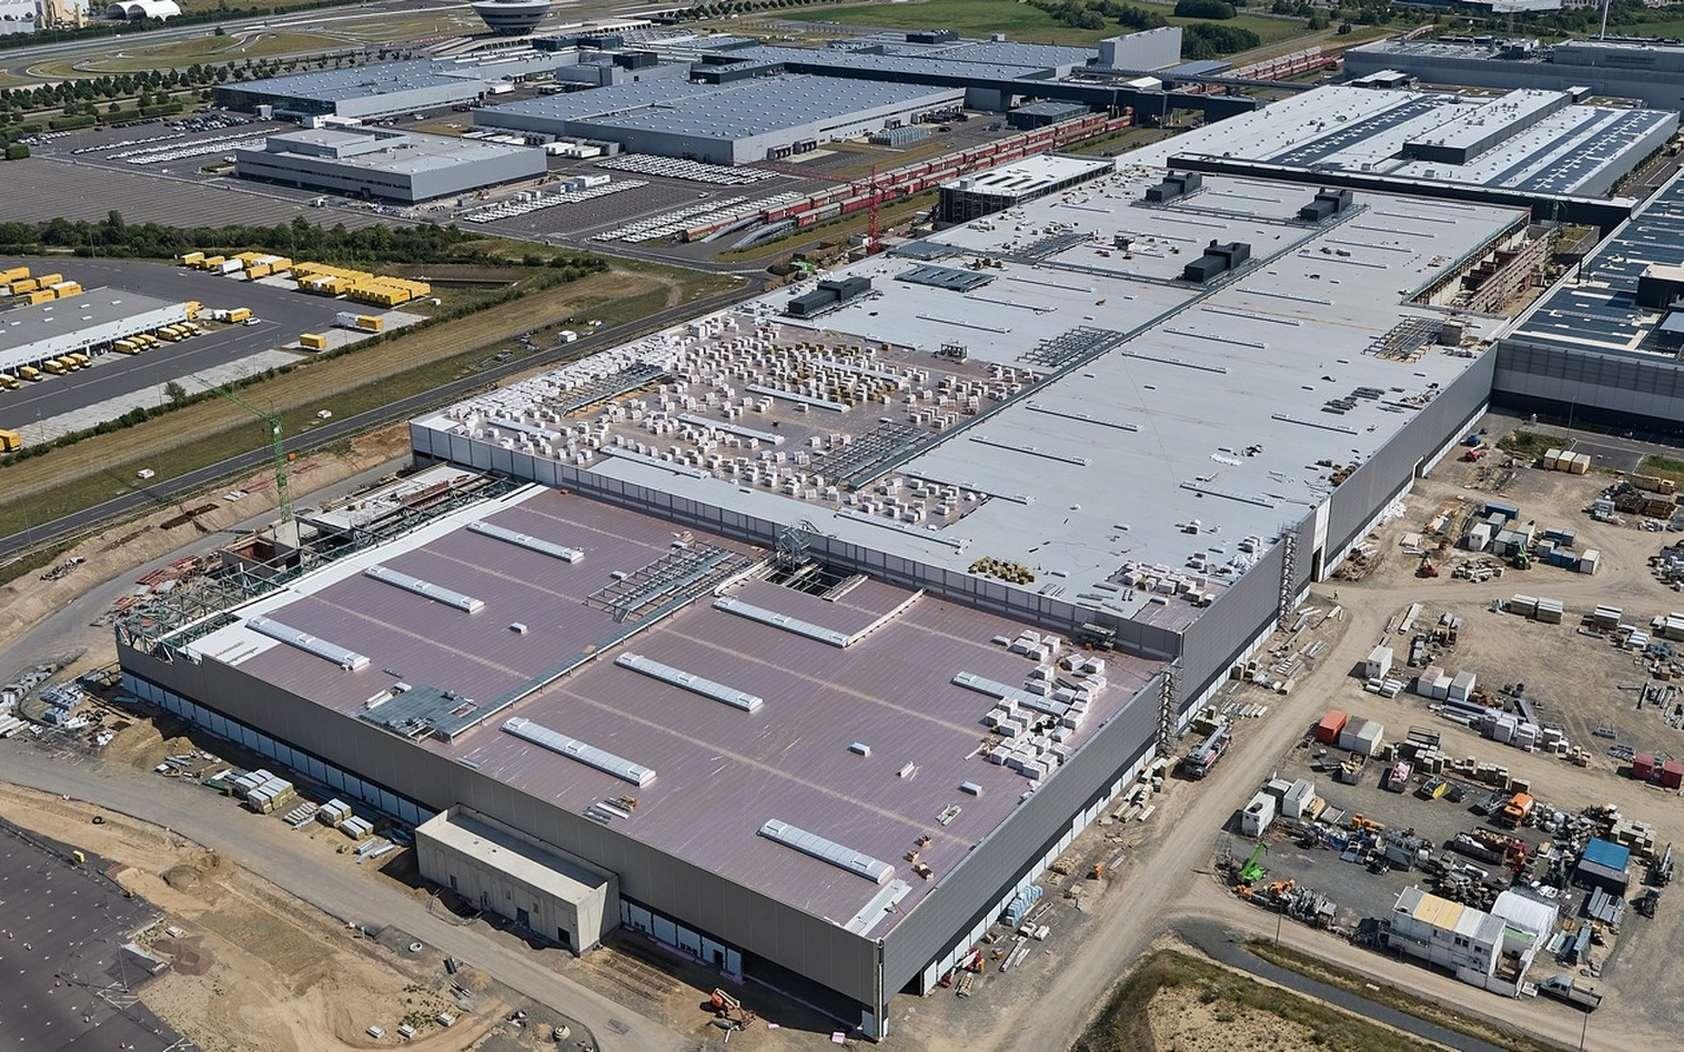 L'usine Porsche de Leipzig a été inaugurée en 2000. Le constructeur dit y avoir investi plus de 1,3 milliard d'euros. © Porsche